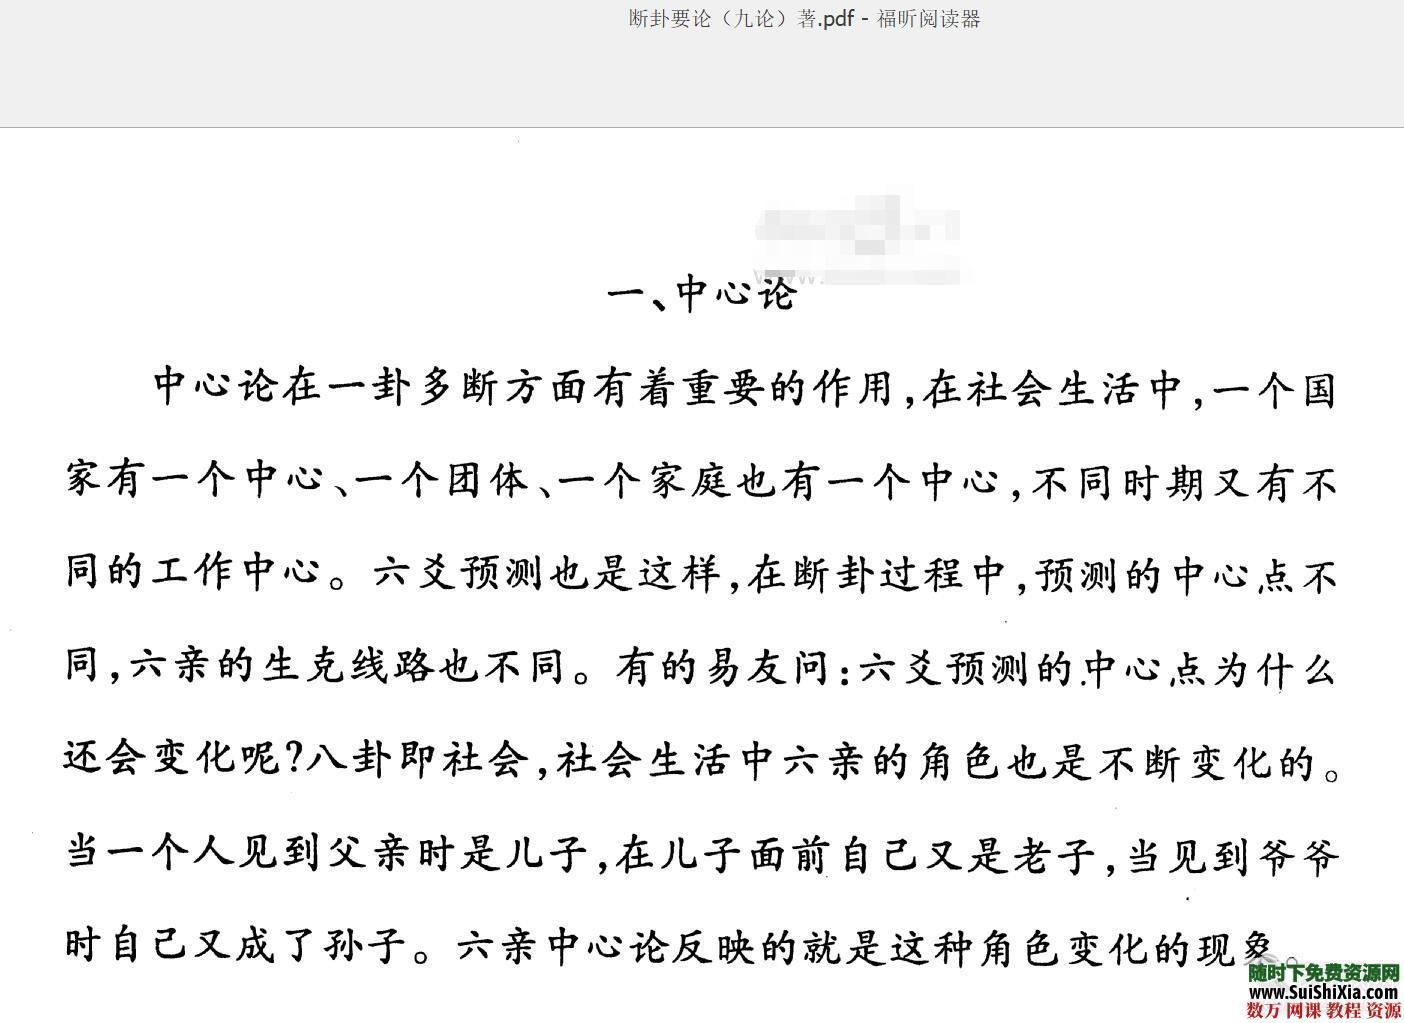 张代祥八字六爻断卦学习理论新法等PDF资料18本打包 第1张